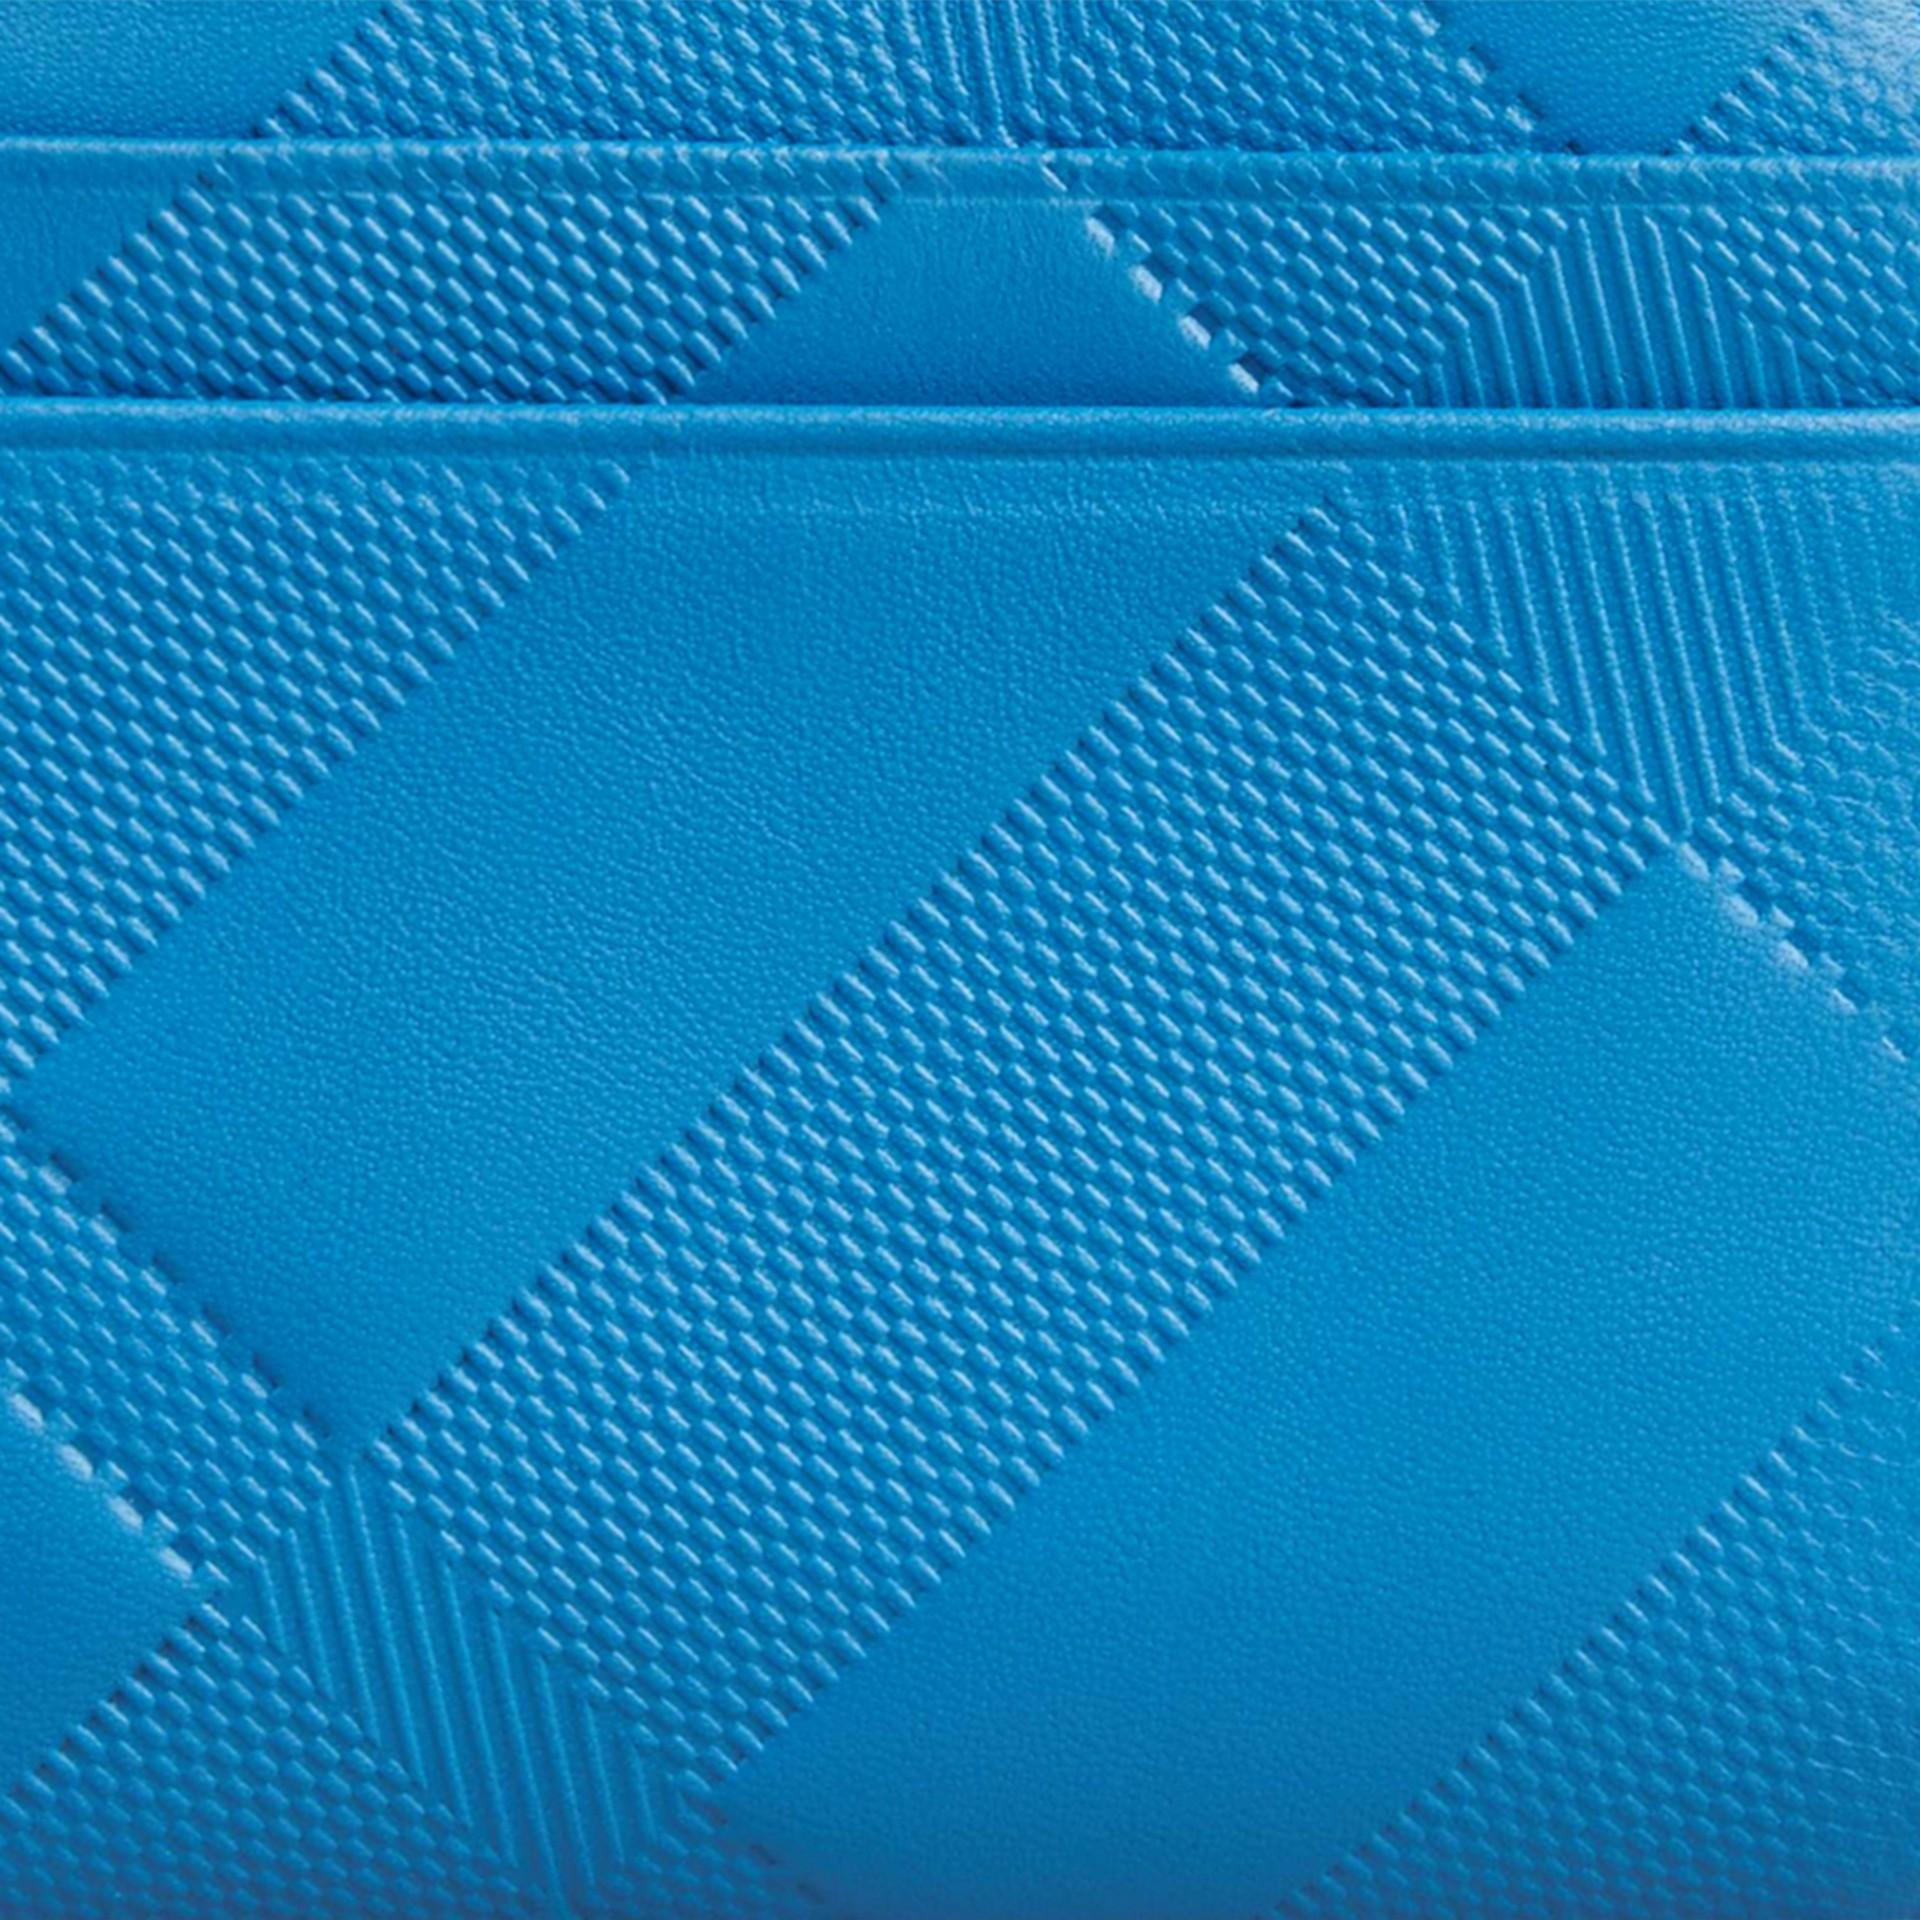 Azurblau Faltbrieftasche aus Leder mit Check-Prägung Azurblau - Galerie-Bild 2